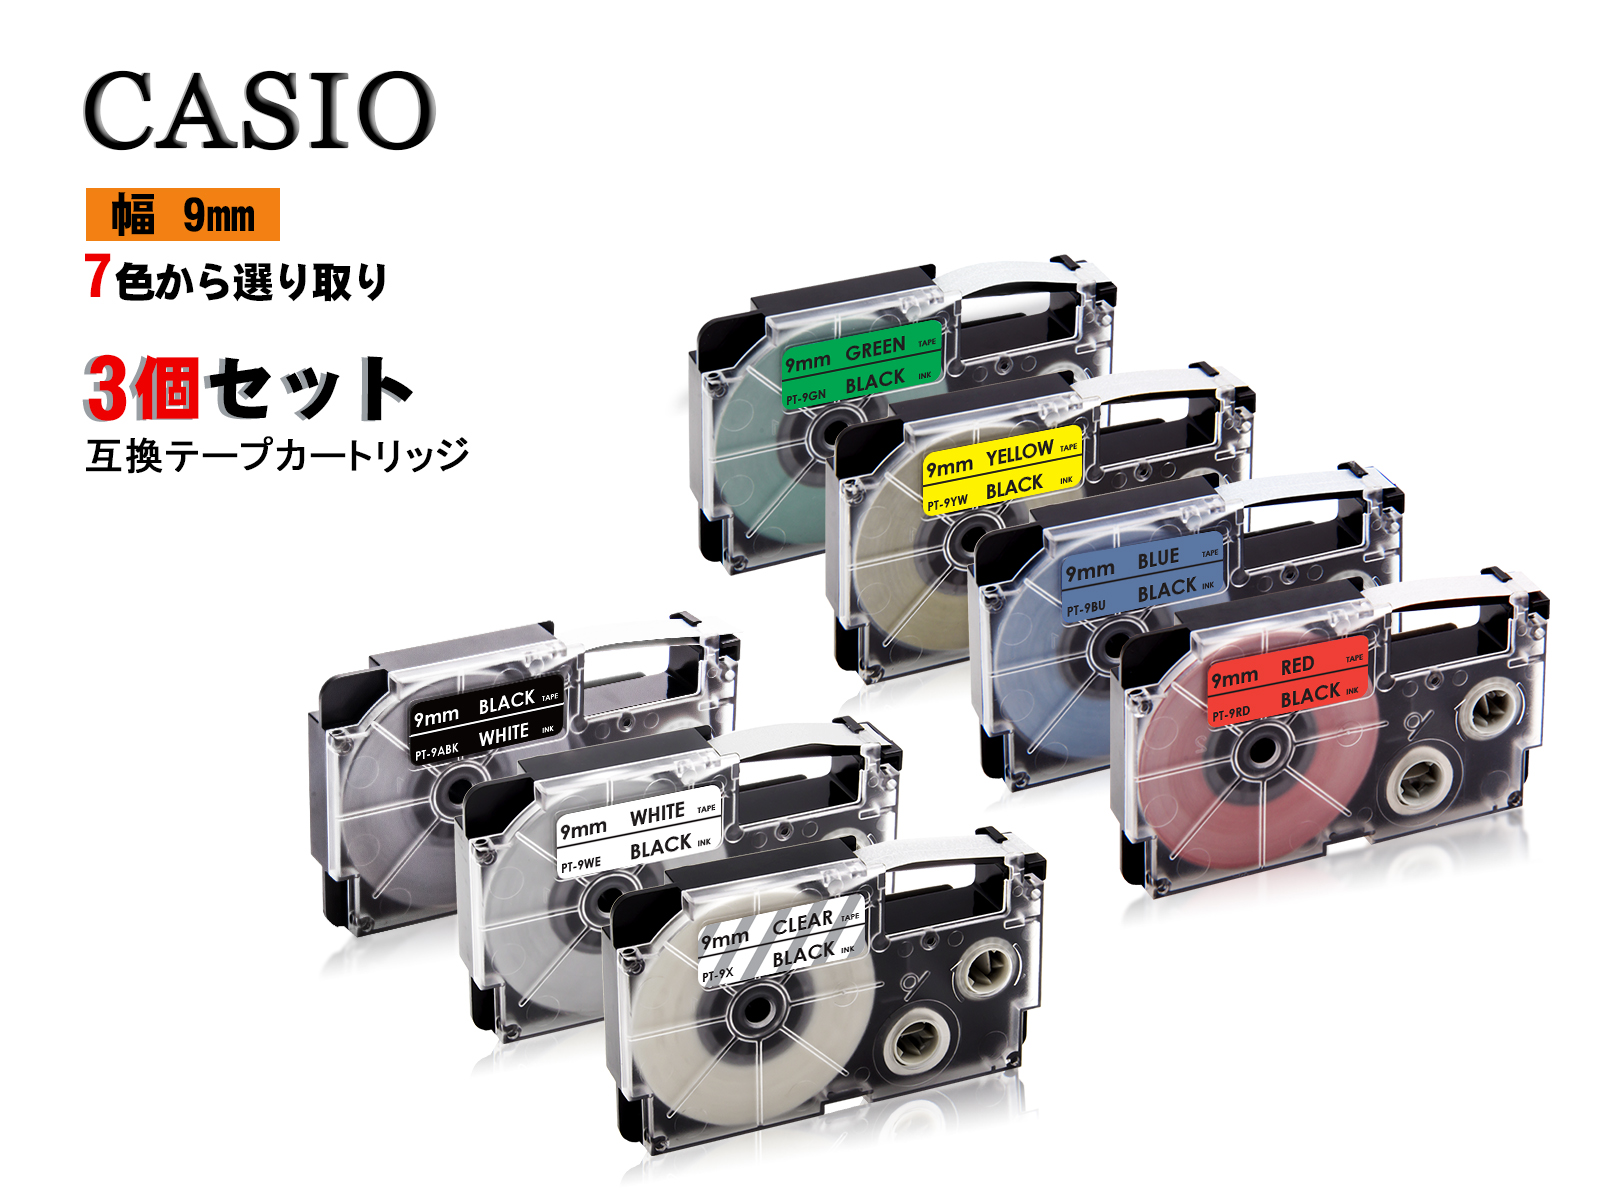 最安 新発売セール ☆新作入荷☆新品 強粘着 Casio casio カシオ ネームランド 互換テープカートリッジ テプラテープ 互換 幅 8m 9mm 全 3個セット カシオ用 カラーラベル 2年保証可能 テープカートリッジ 長さ プレゼント 7色